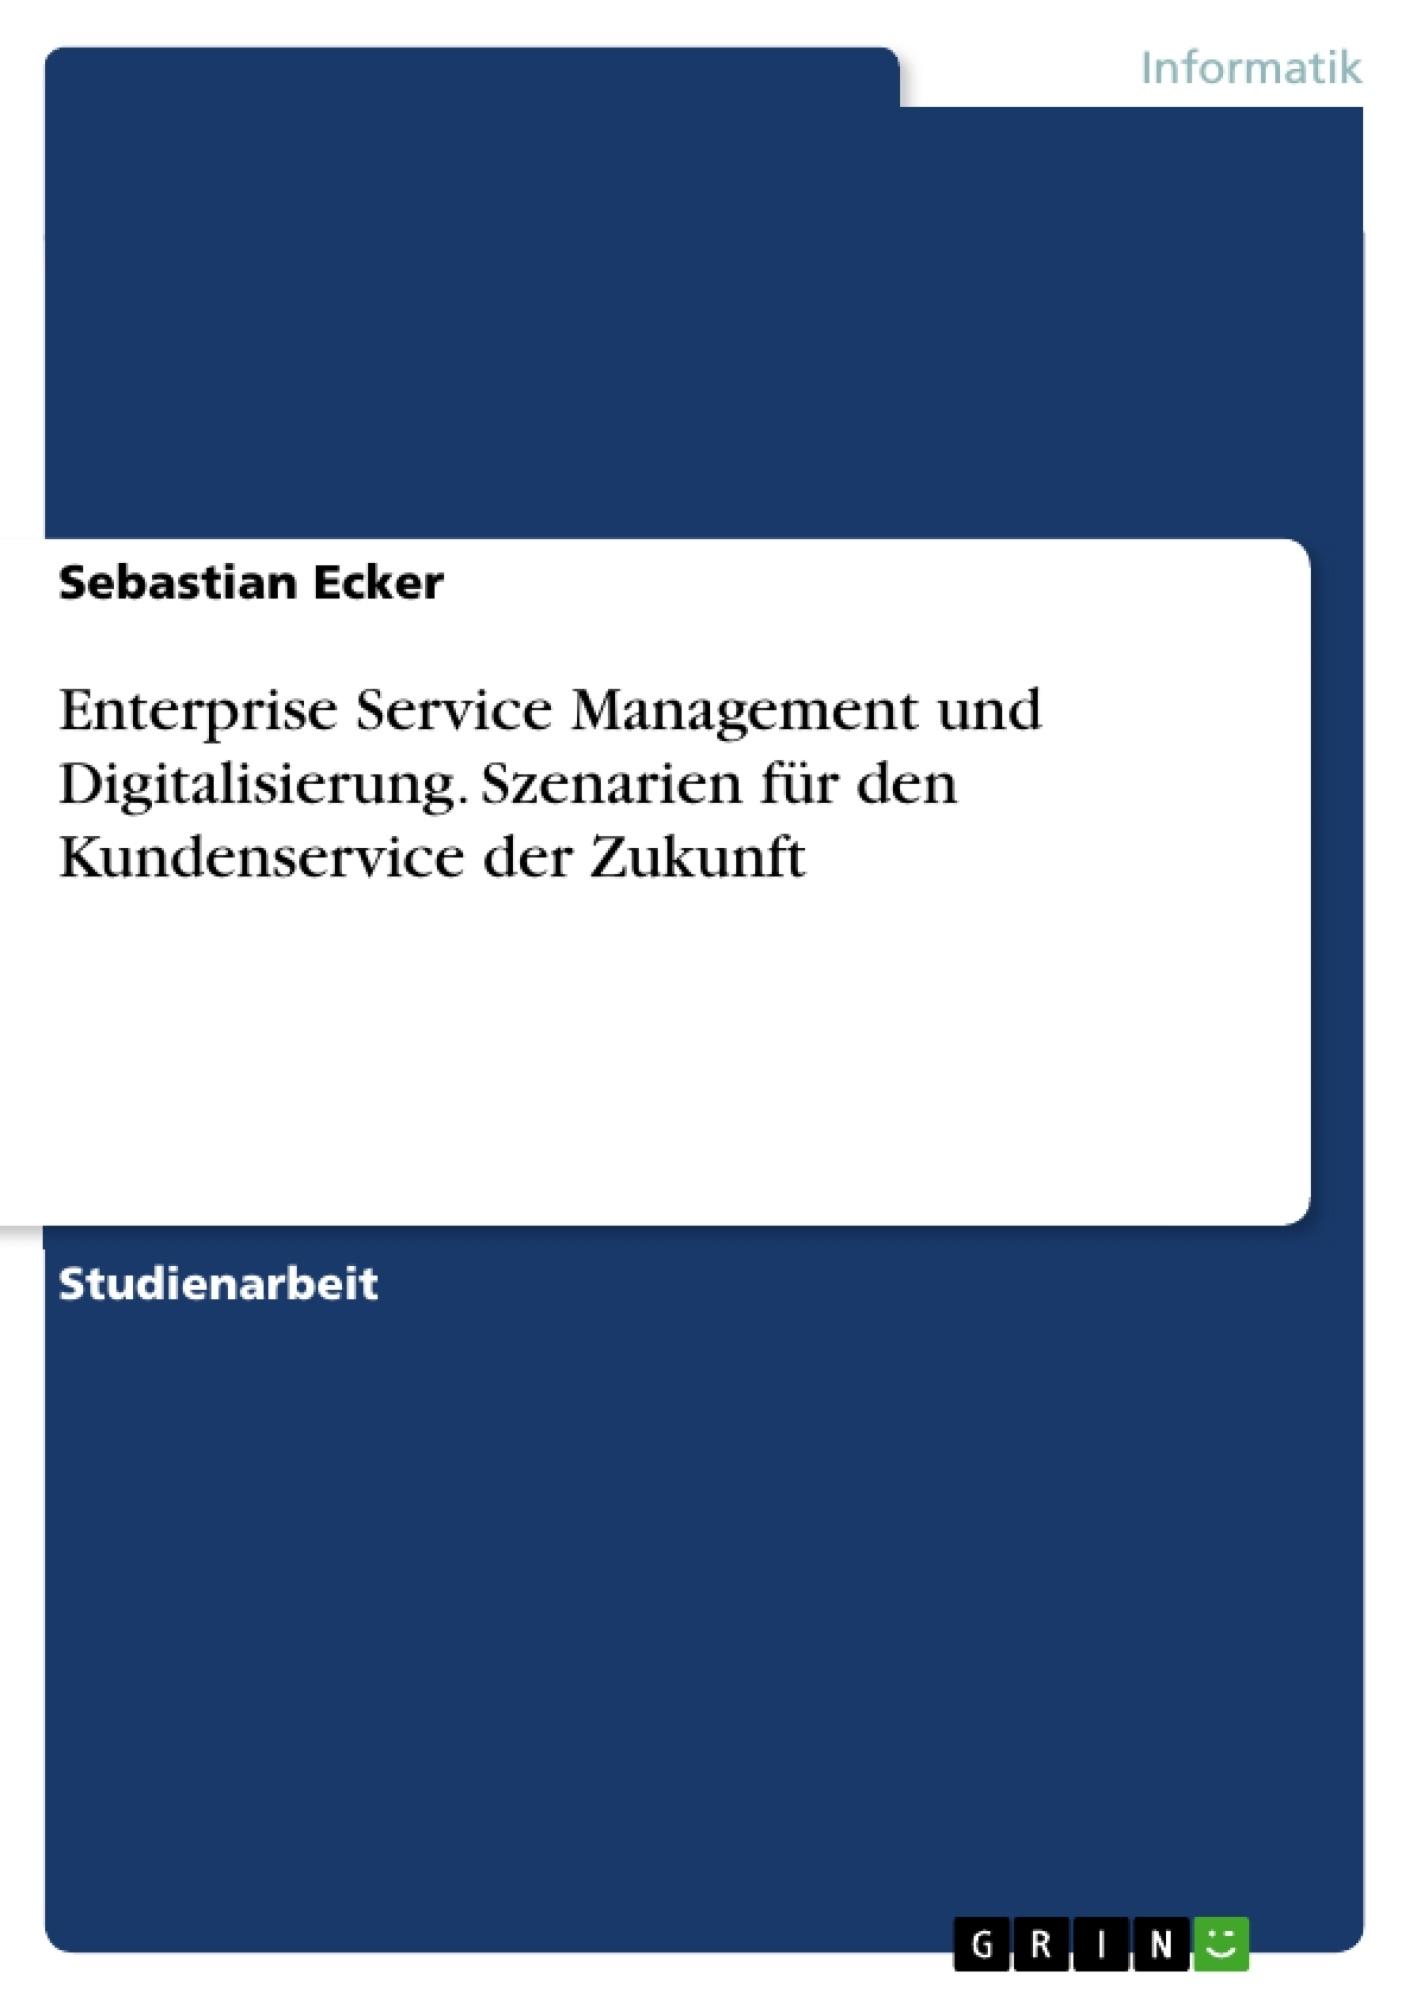 Titel: Enterprise Service Management und Digitalisierung. Szenarien für den Kundenservice der Zukunft